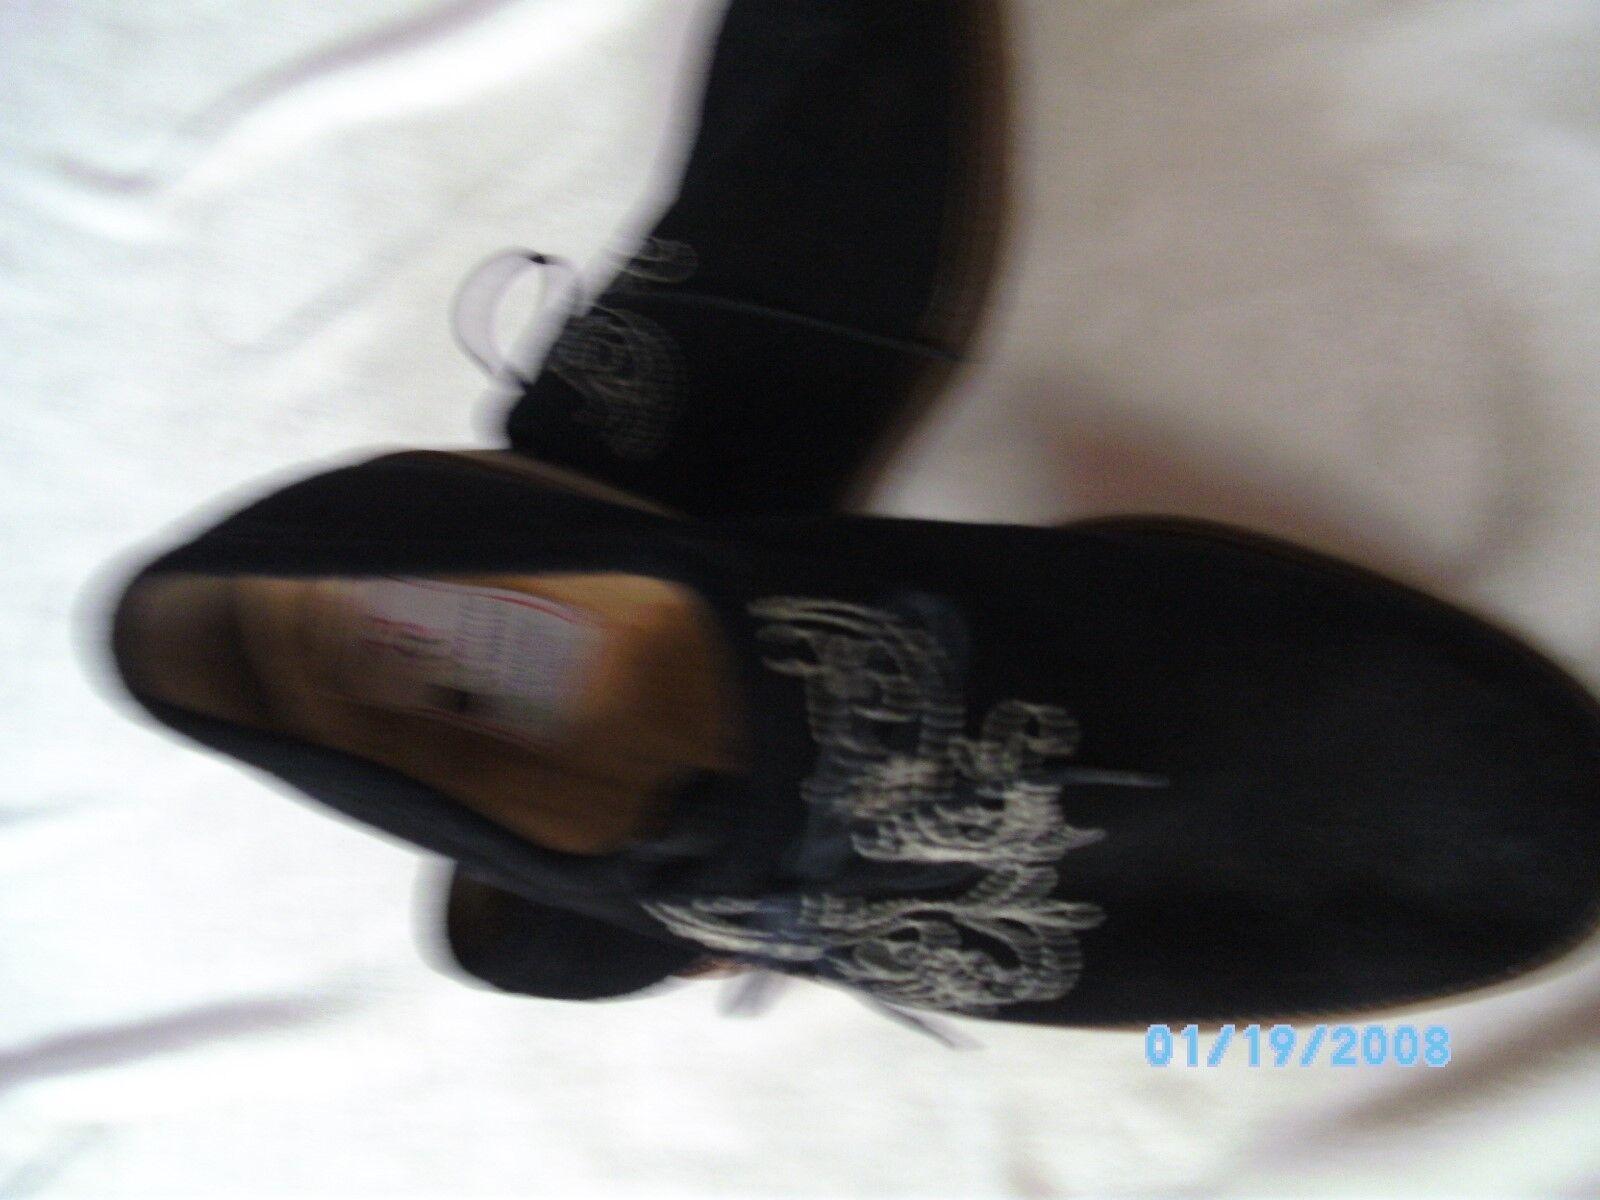 Neuwertige, hochwertige Trachtenschuhe, Herren, schwarz, Größe 43